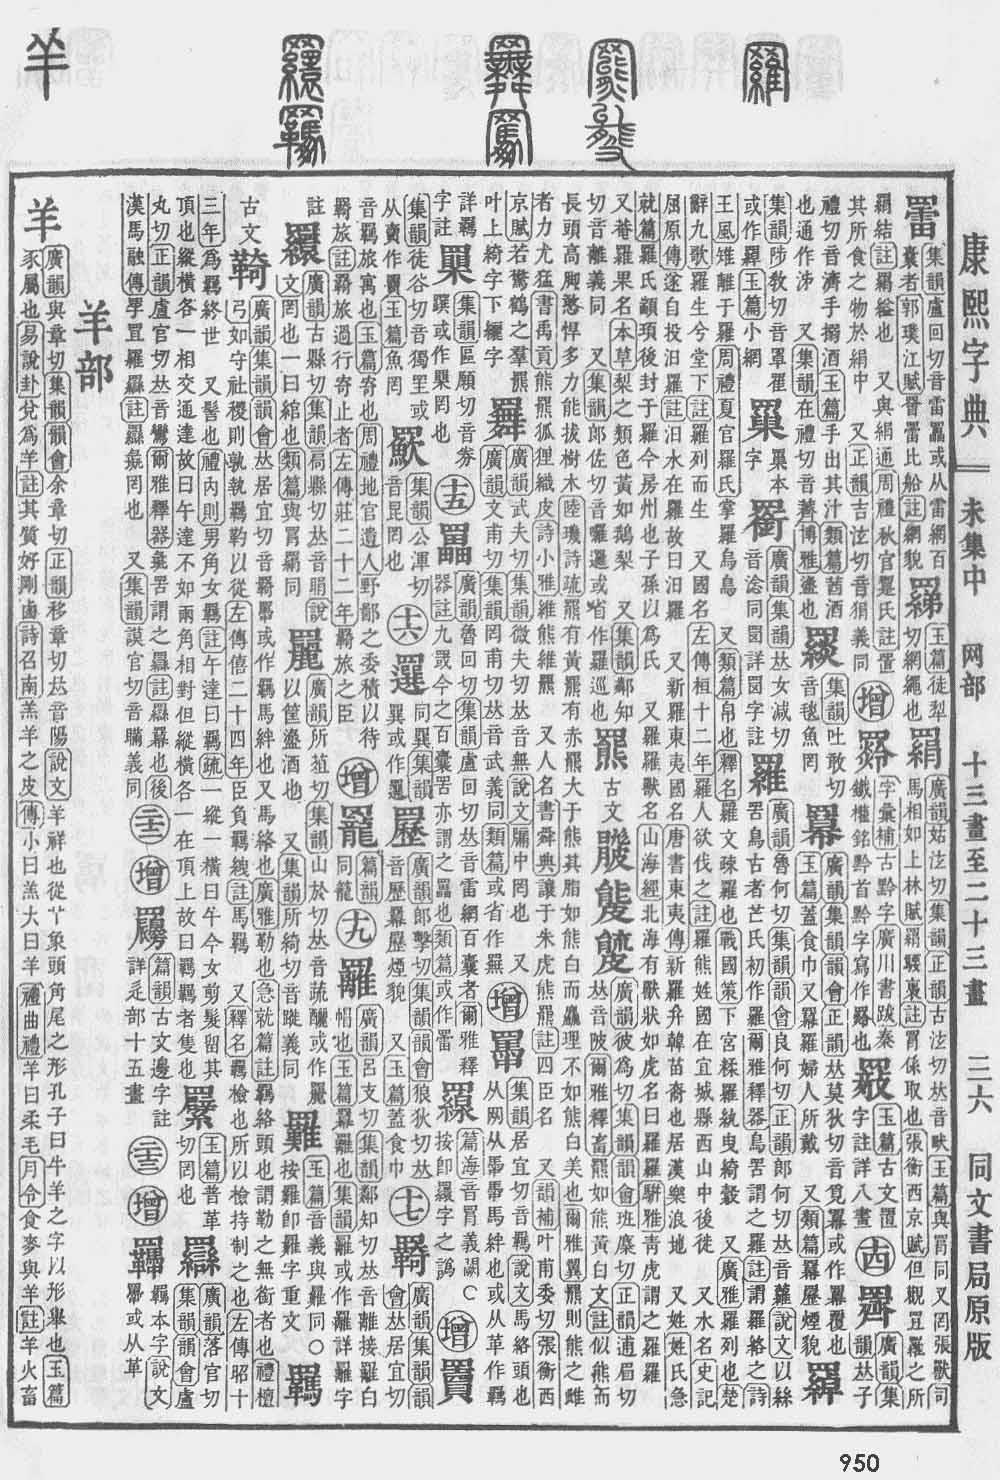 《康熙字典》第950页